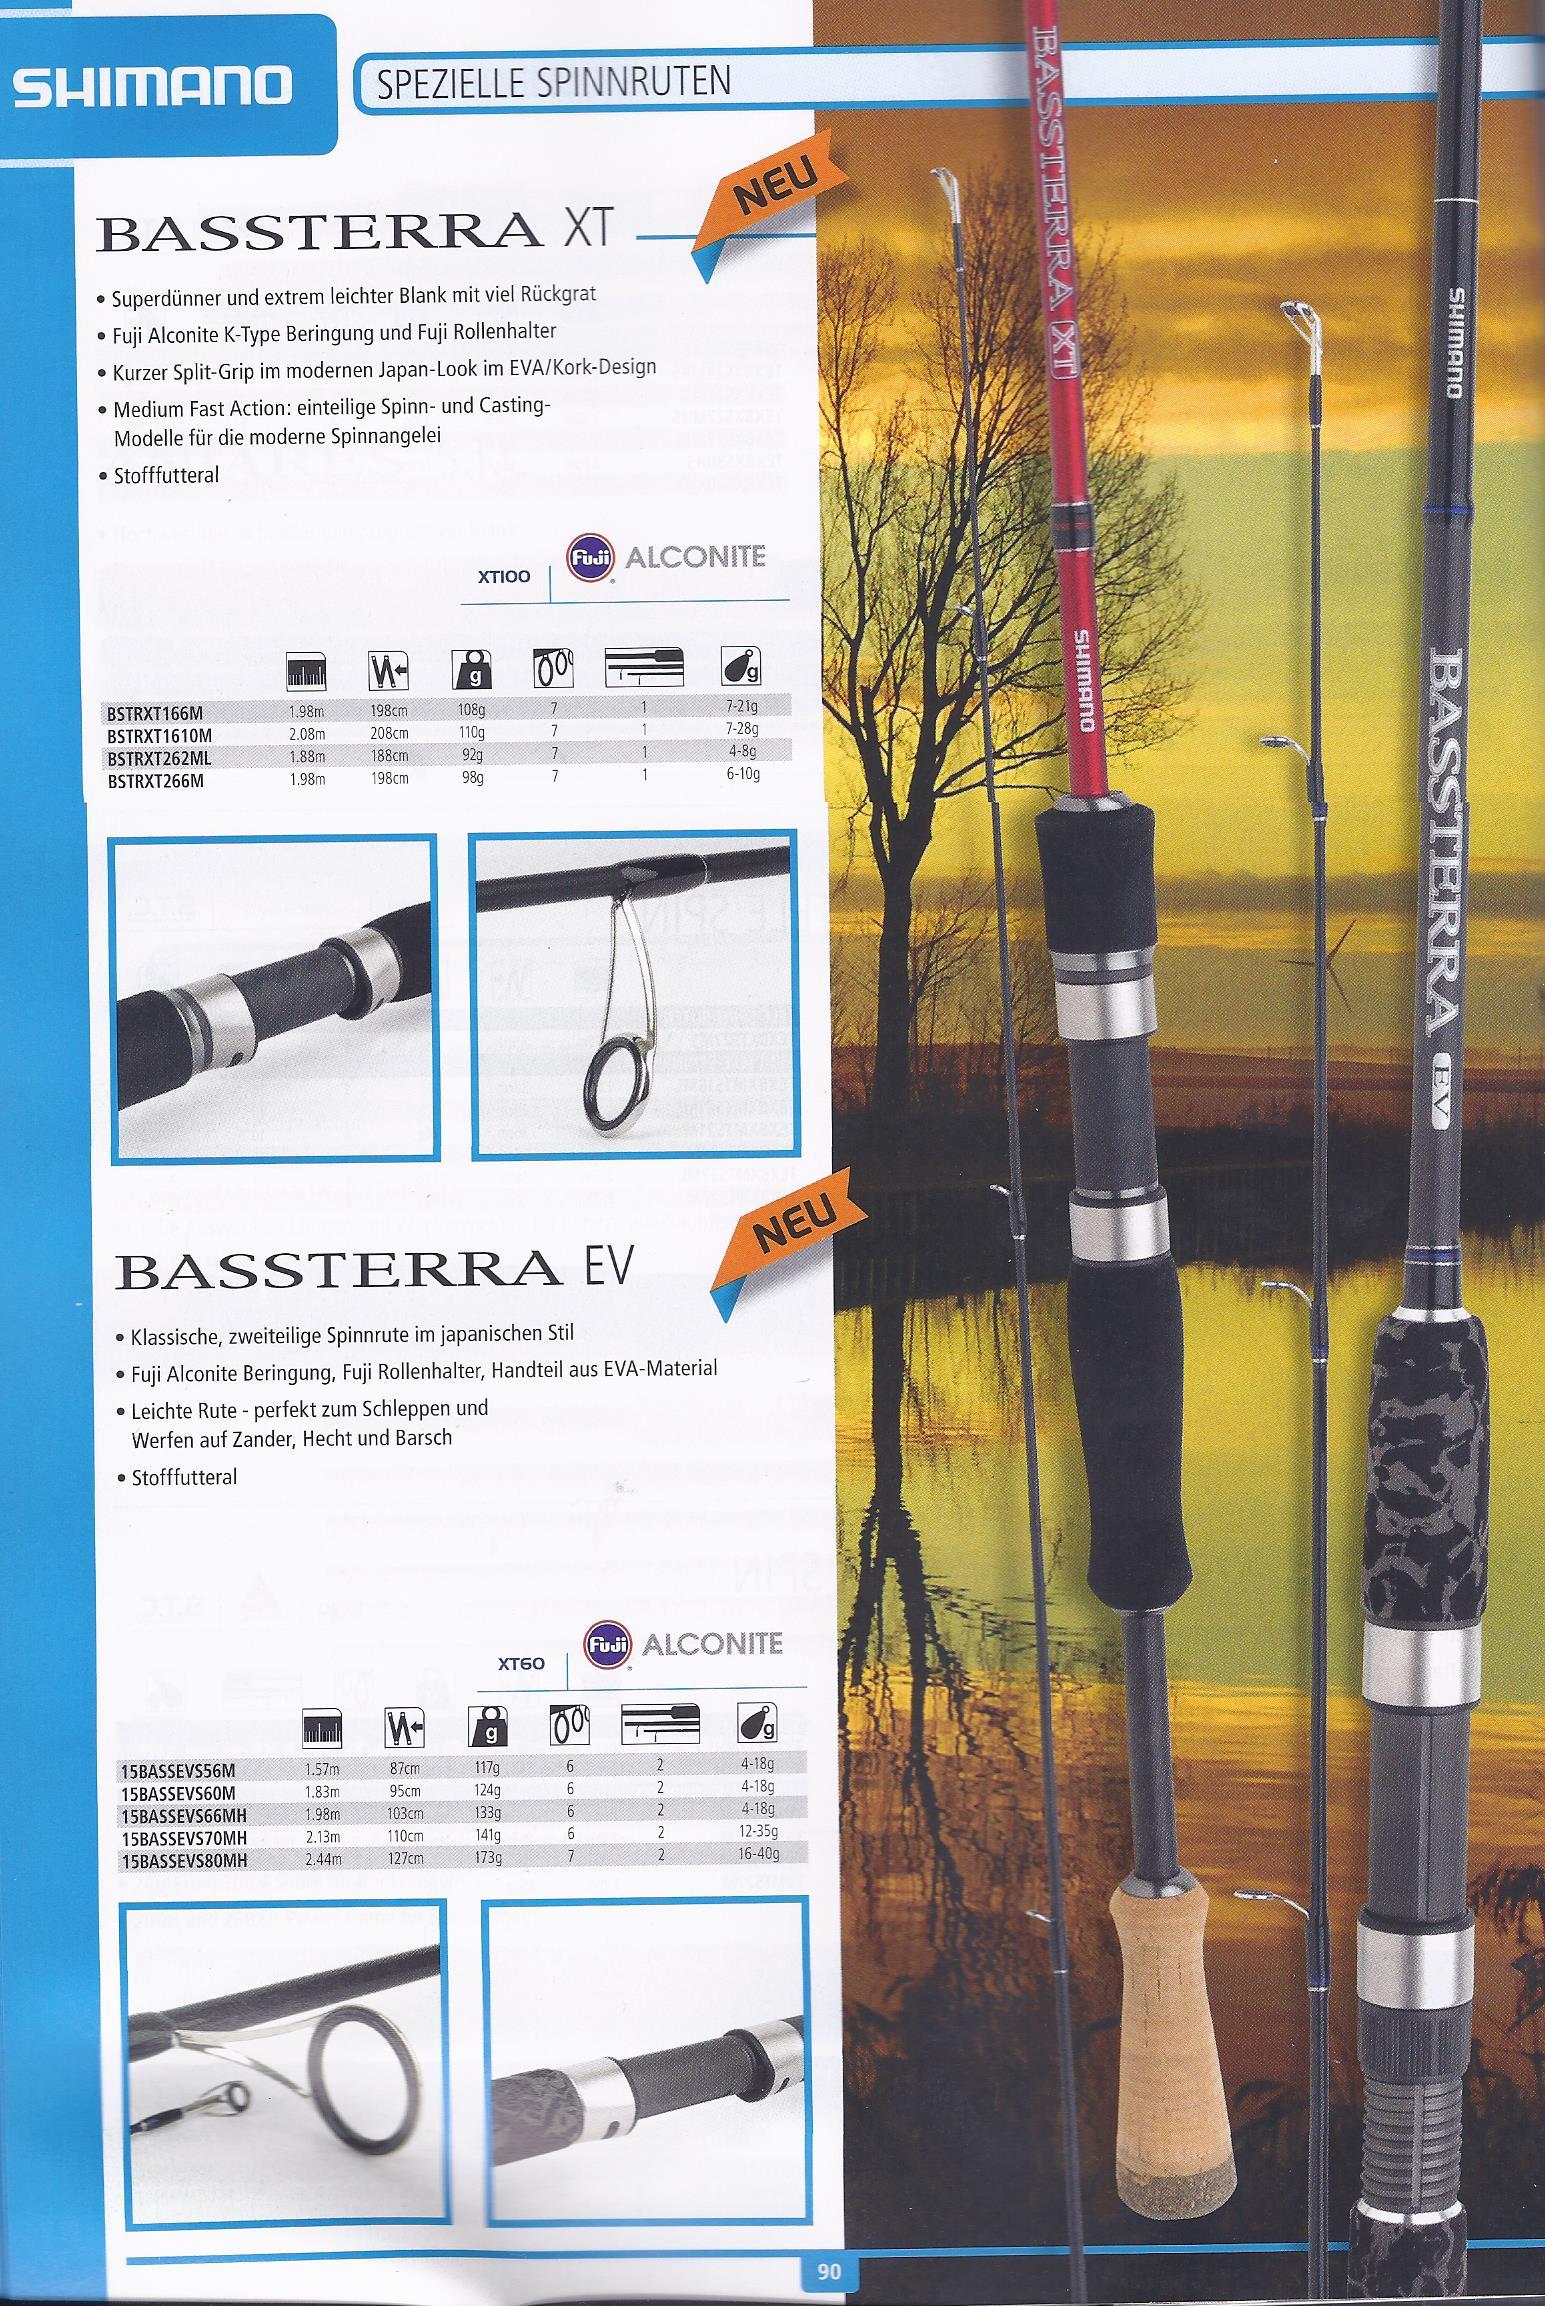 bassterra-xt-katalog